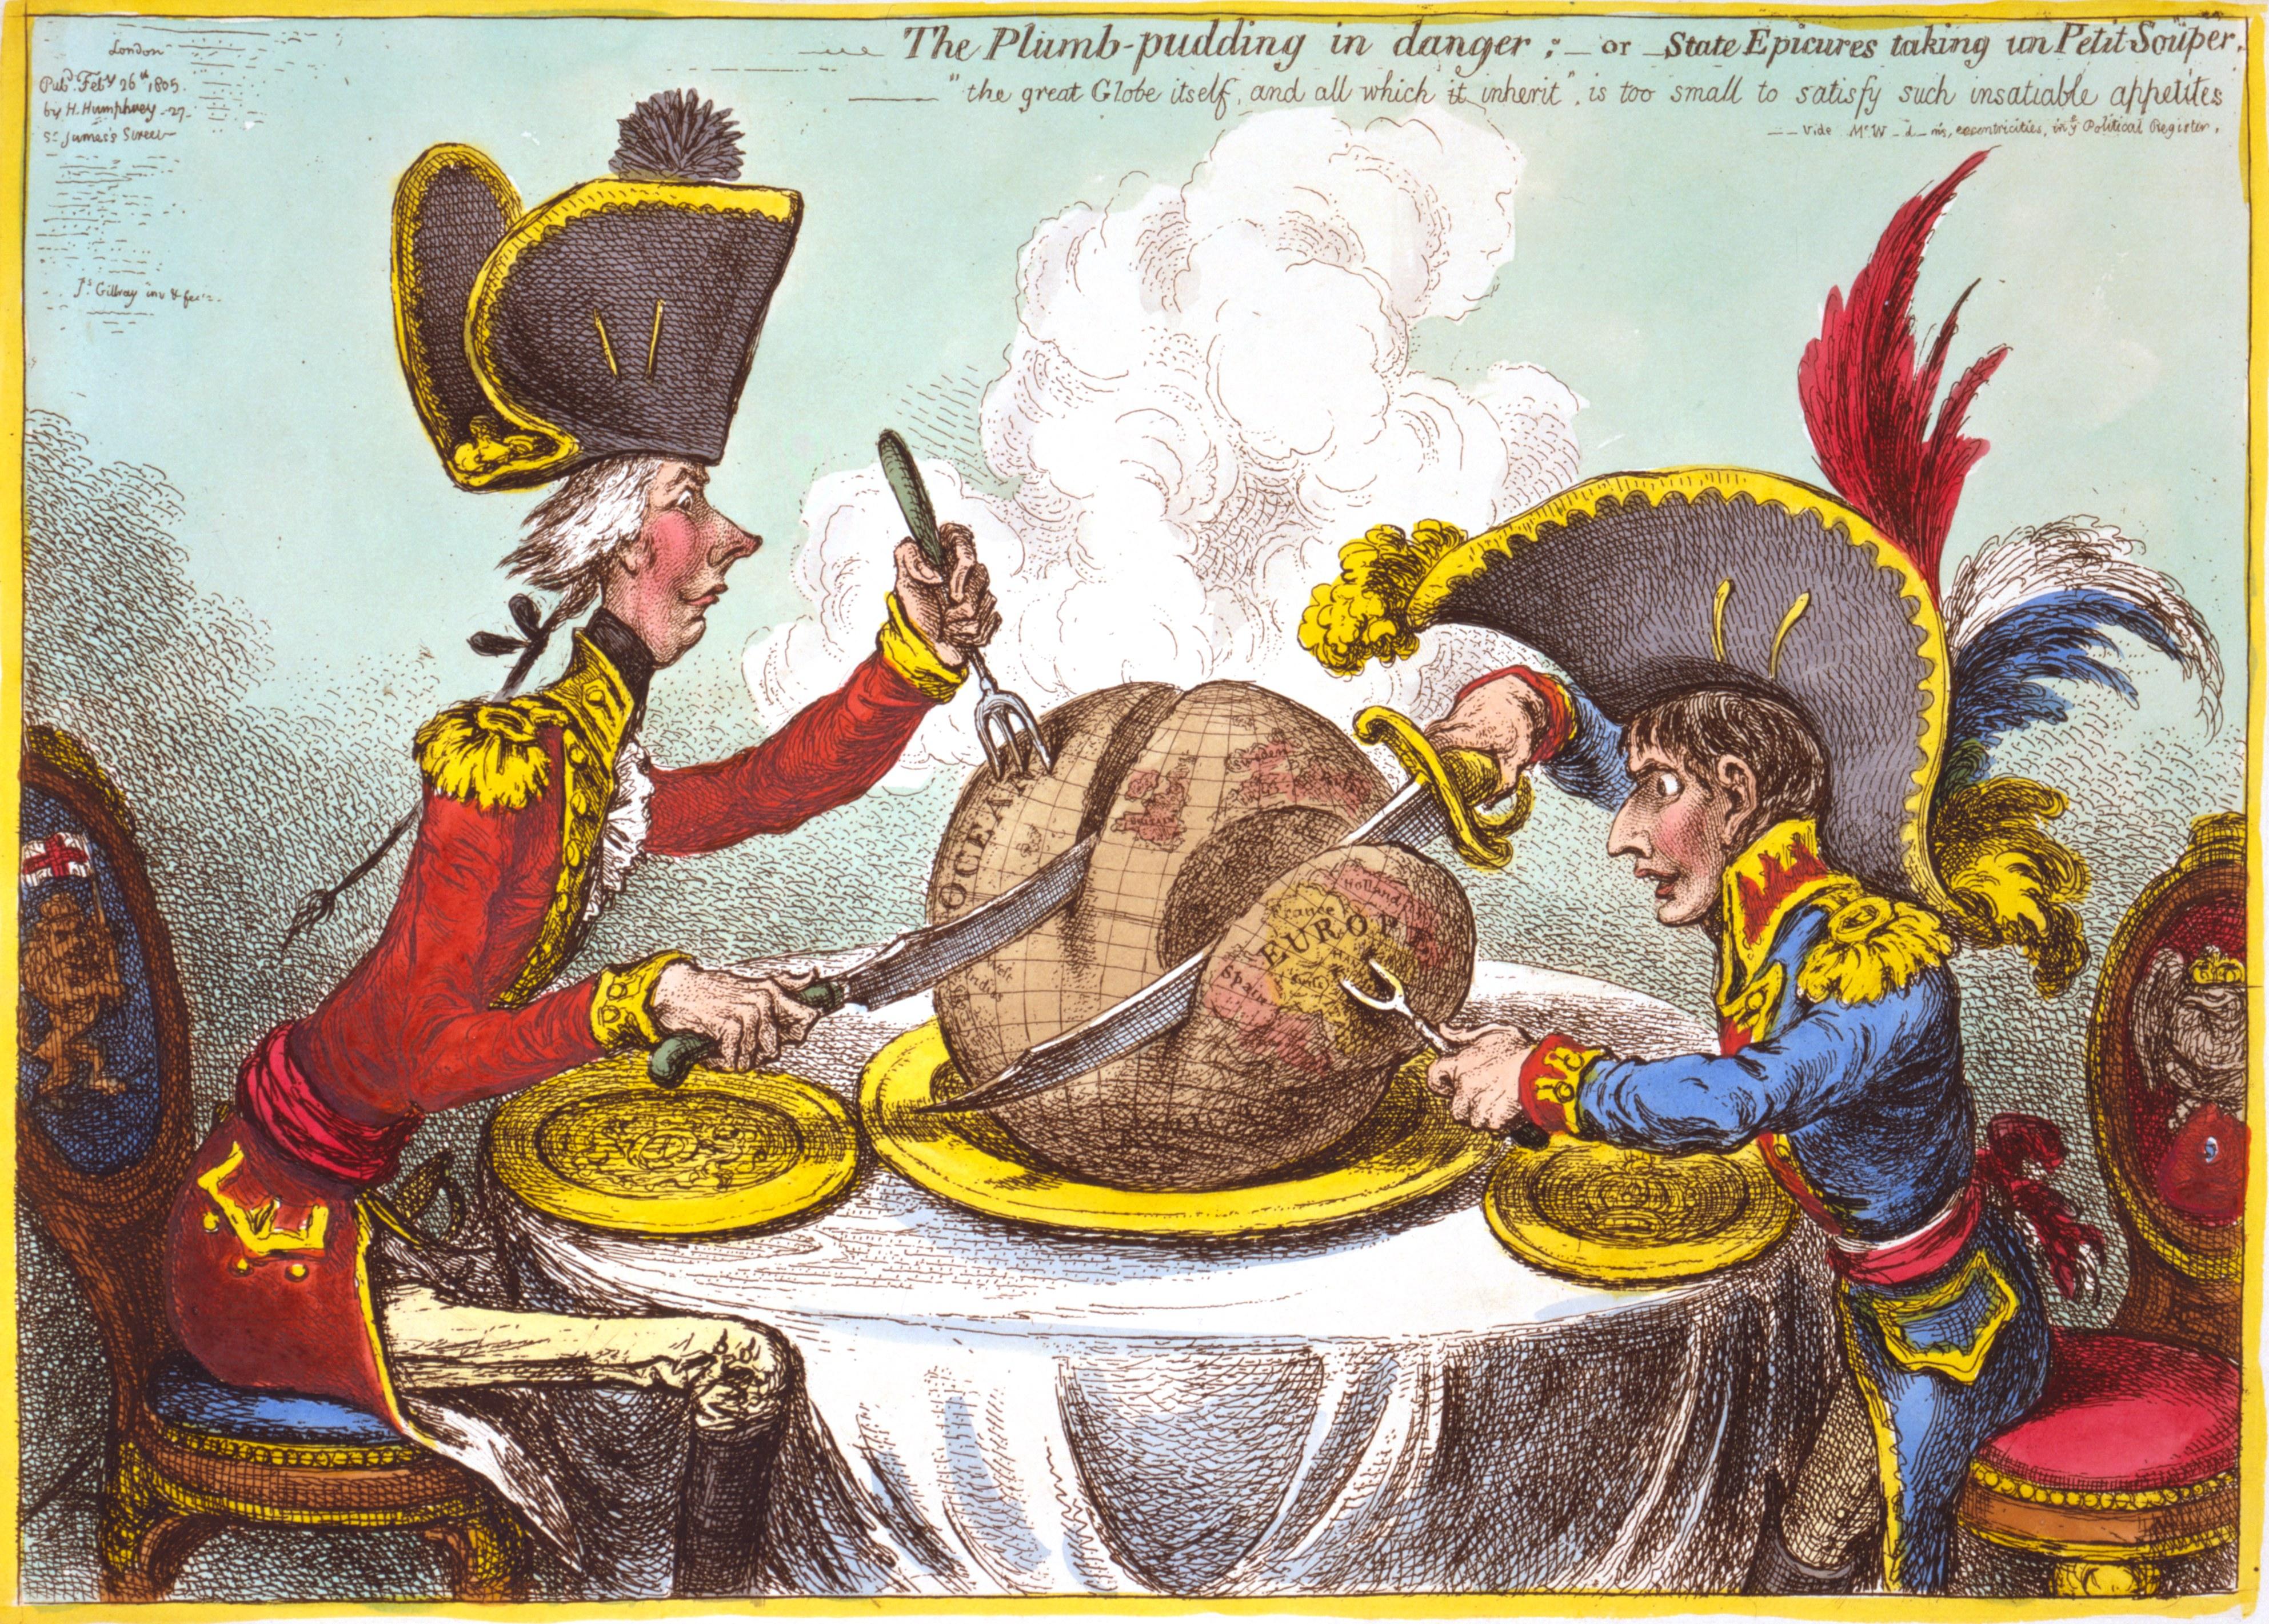 Pitt i Napoleon režu svijet po sferama utjecaja, autor: James Gilray, 1805. godine (Izvor: Wikipedia.org)